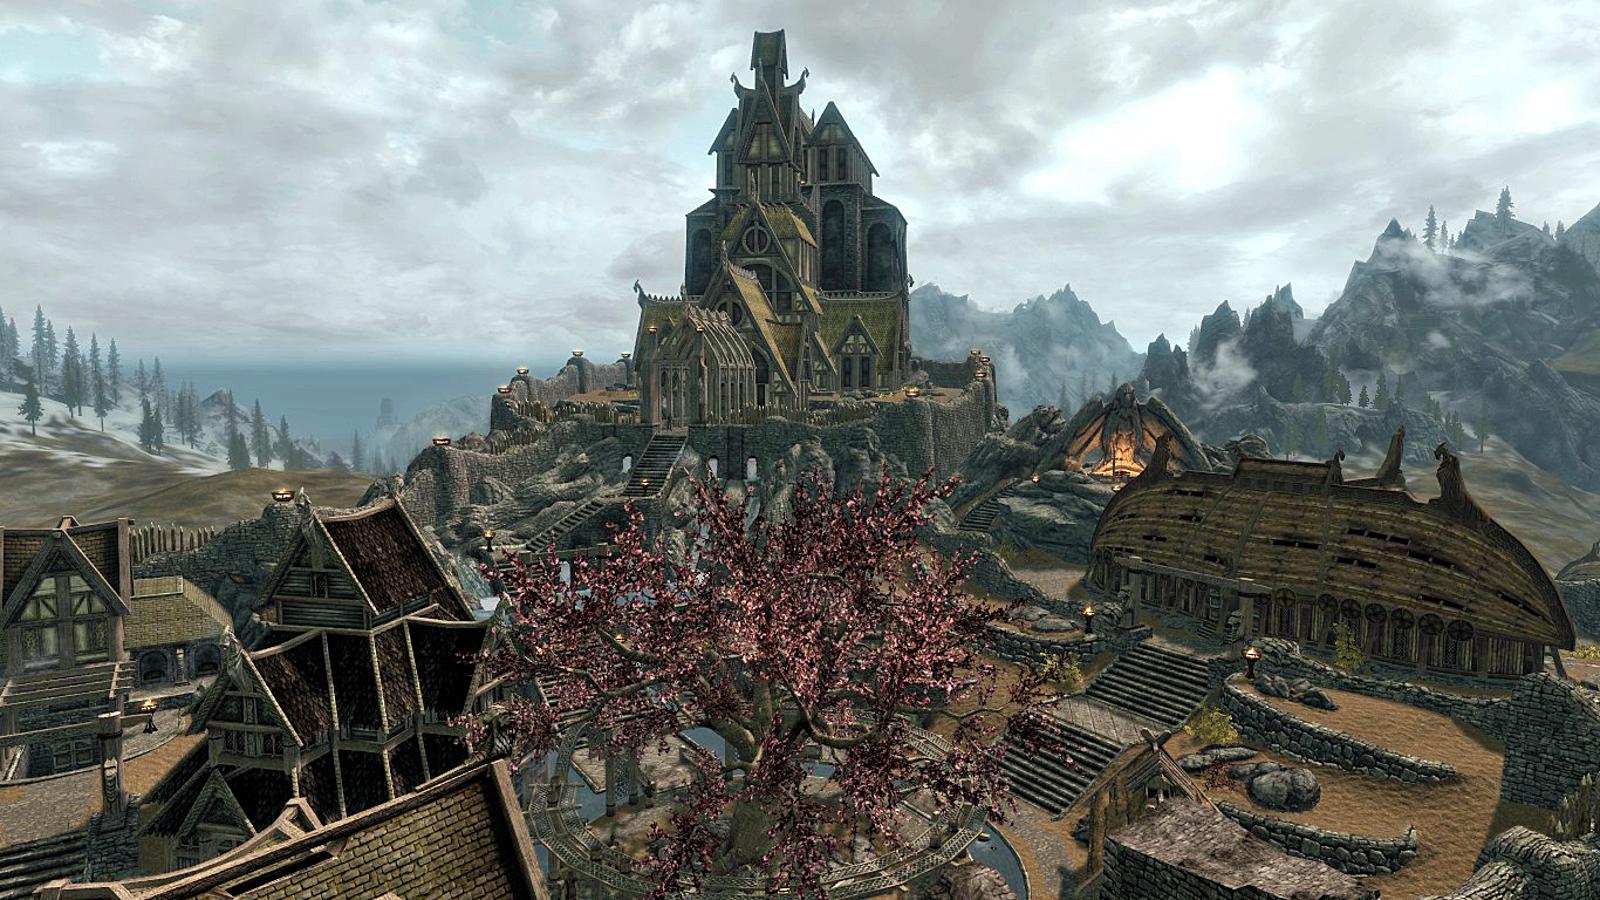 Whiterun (Skyrim) | Elder Scrolls | FANDOM powered by Wikia